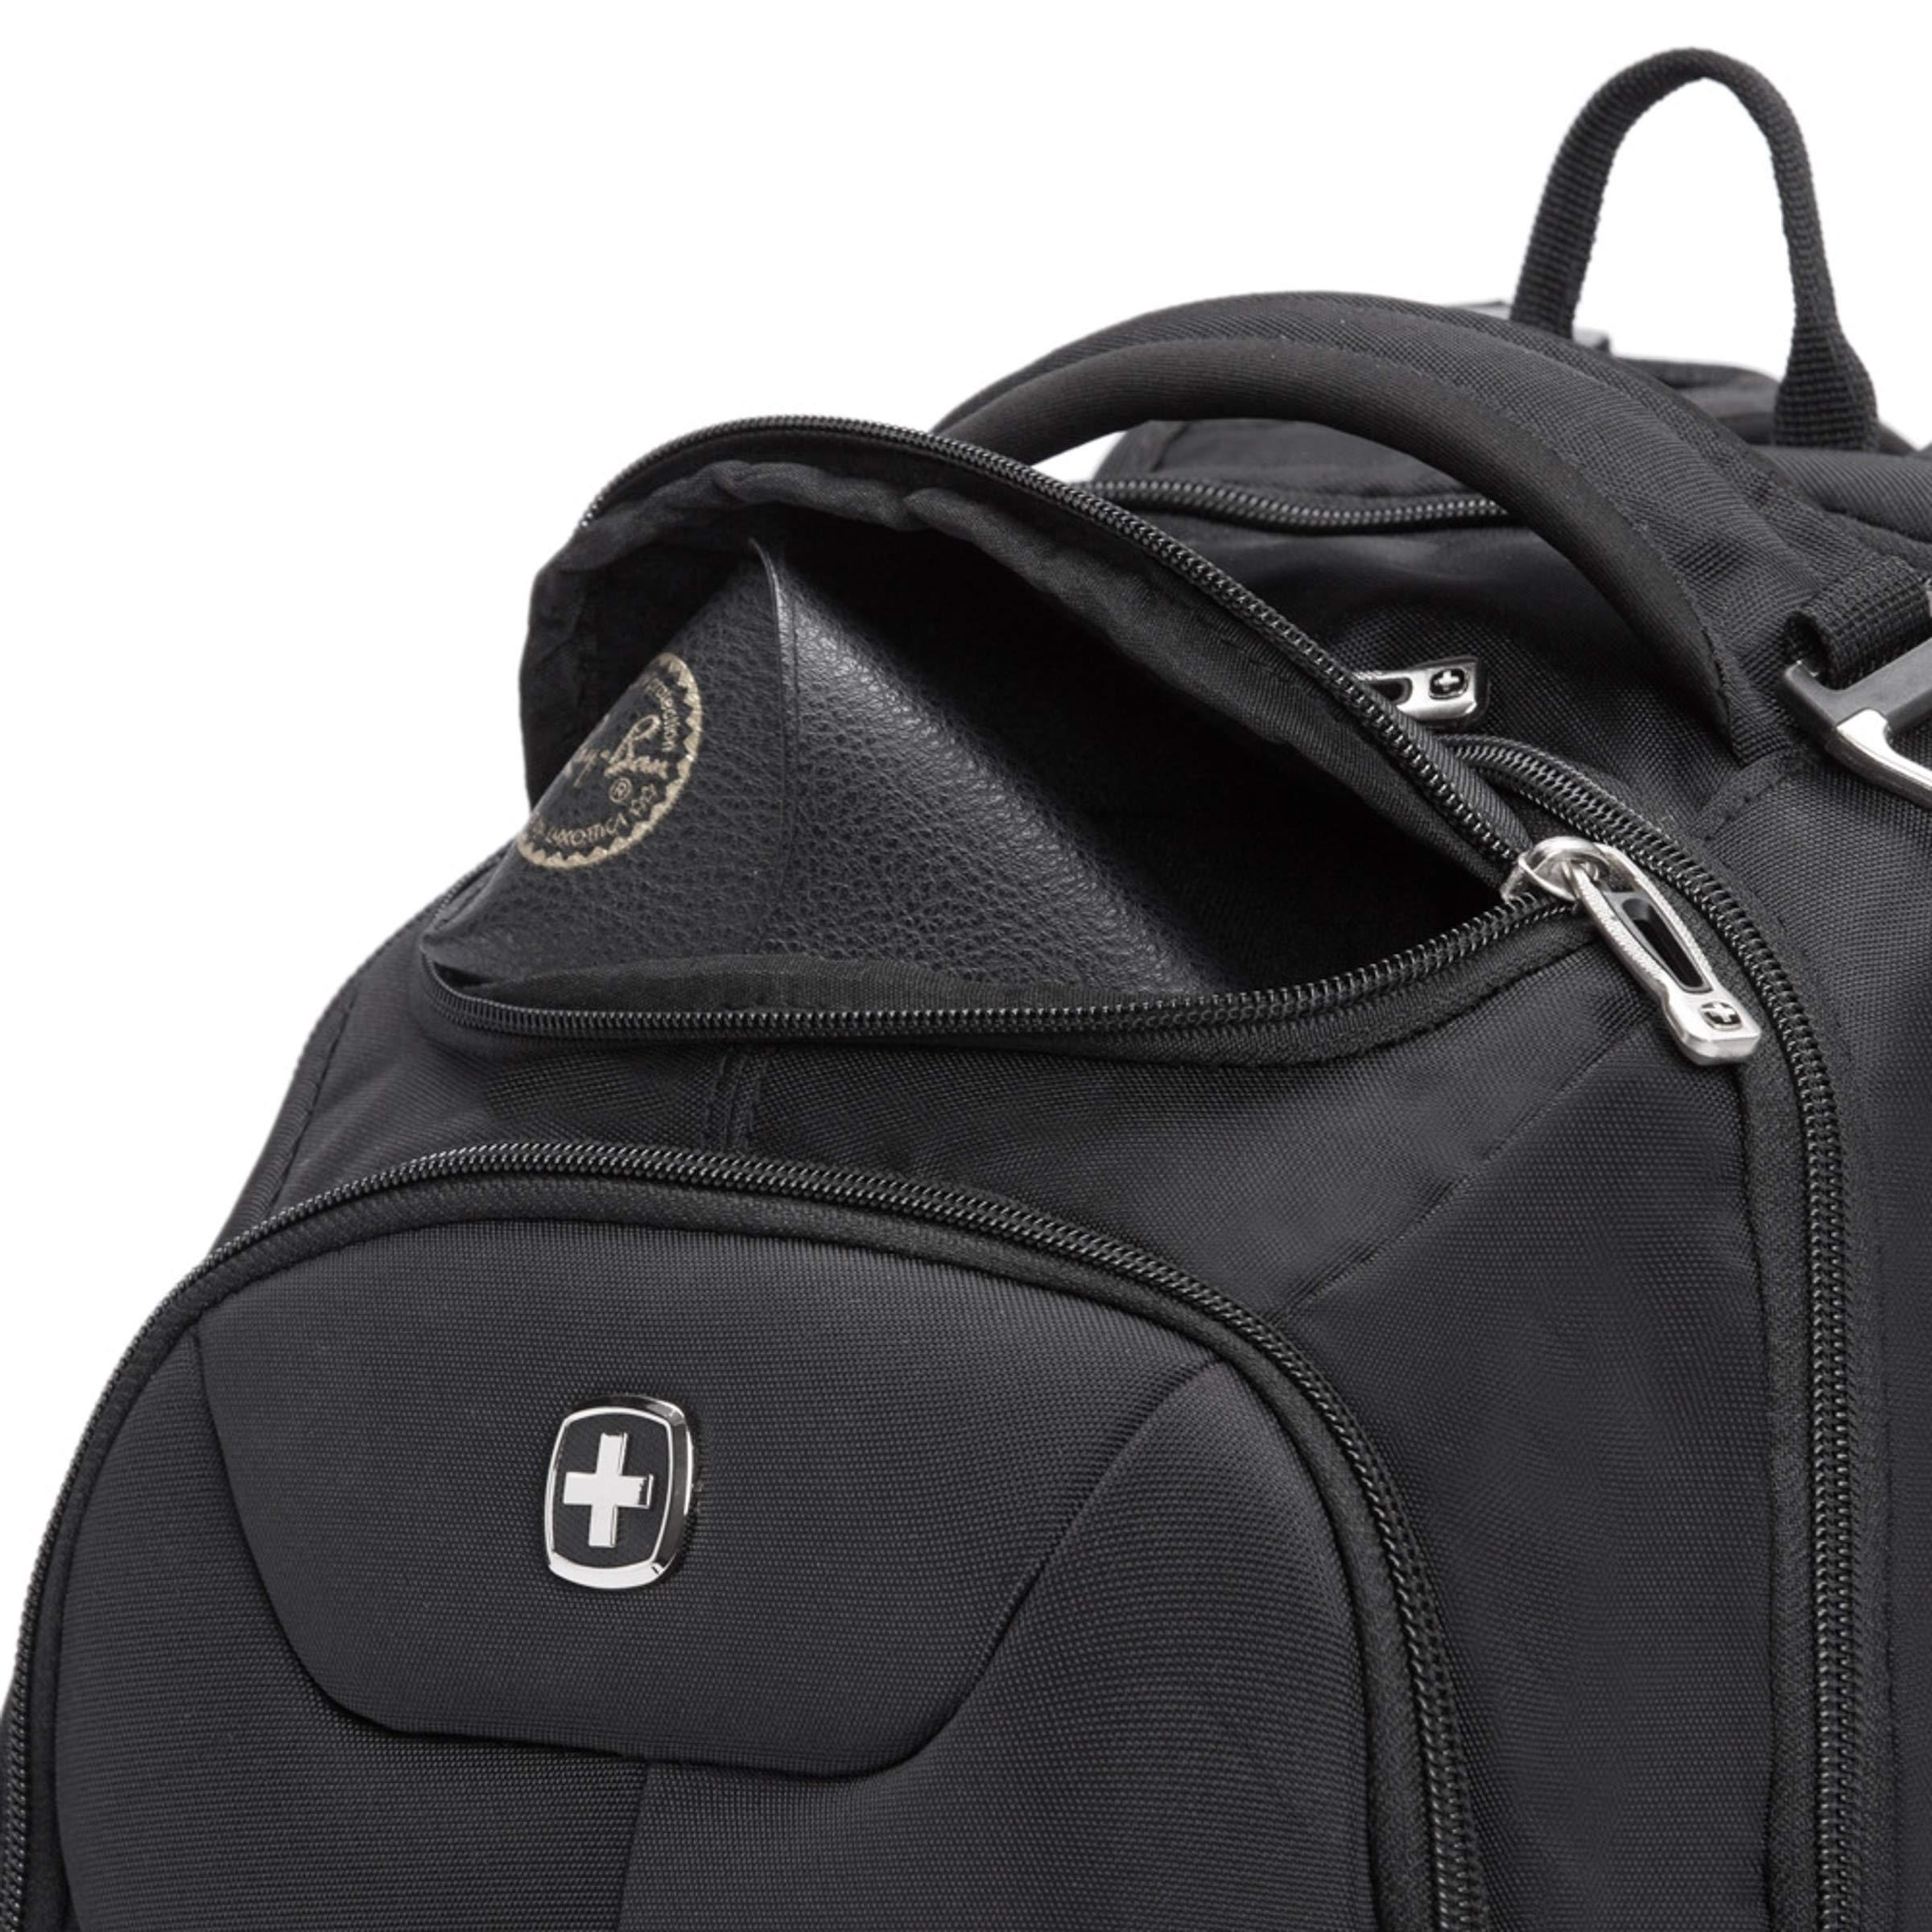 SWISSGEAR Large ScanSmart 15-inch Laptop Backpack   TSA-Friendly Carry-on   Travel, Work, School   Men's and Women's - Black by SwissGear (Image #8)